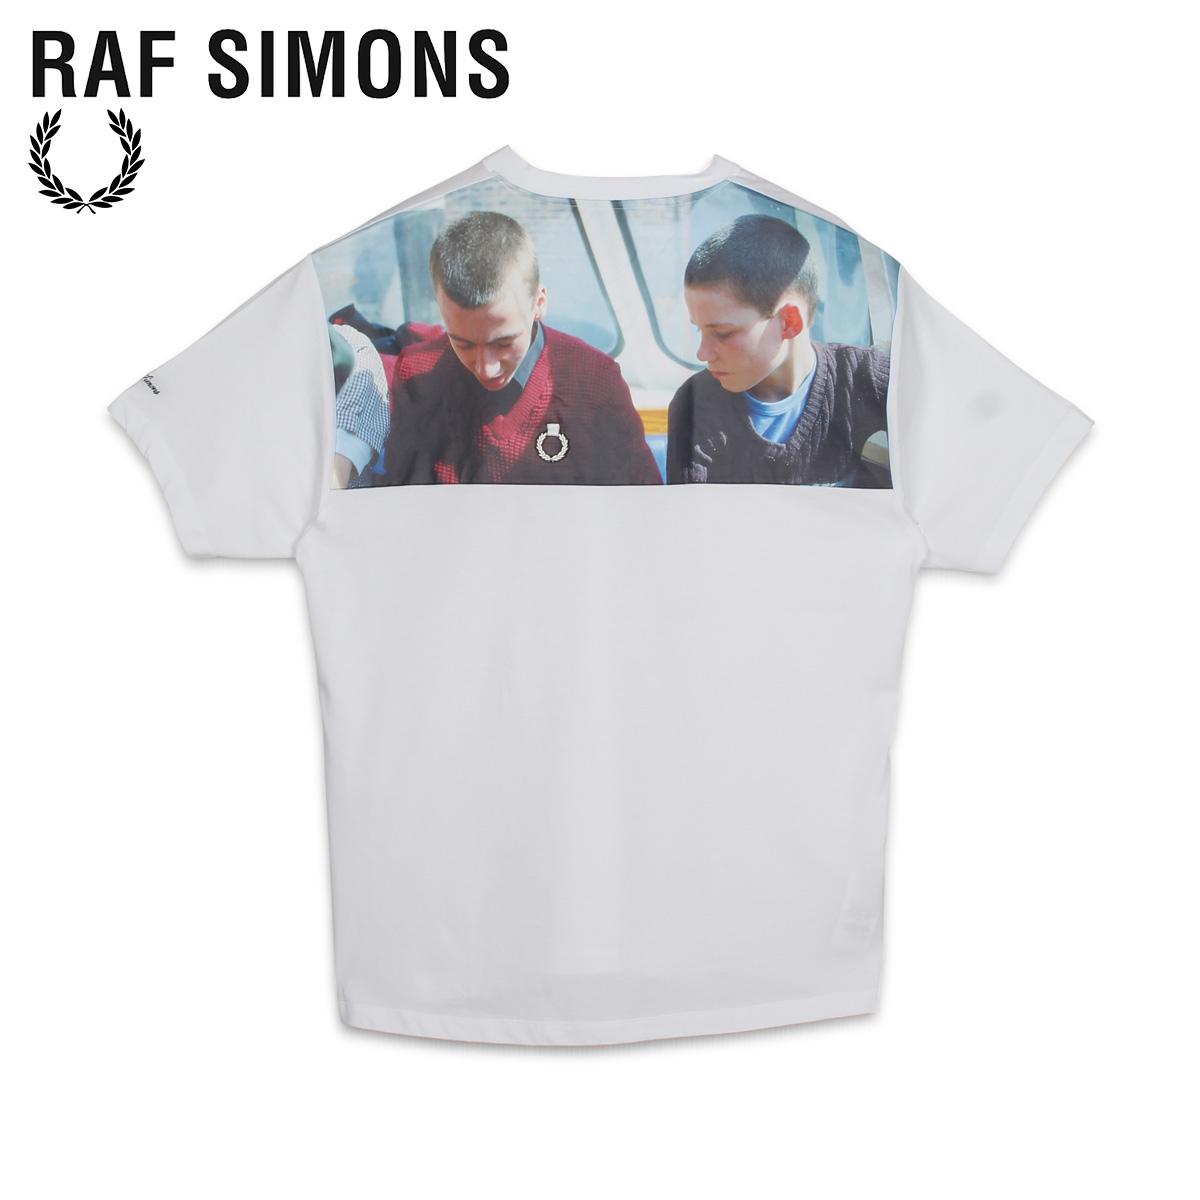 【最大2000円OFFクーポン】 フレッドペリー ラフシモンズ FRED PERRY RAF SIMONS Tシャツ 半袖 メンズ コラボ PRINT YOKE T-SHIRT ホワイト 白 SM8135 [6/2 新入荷]